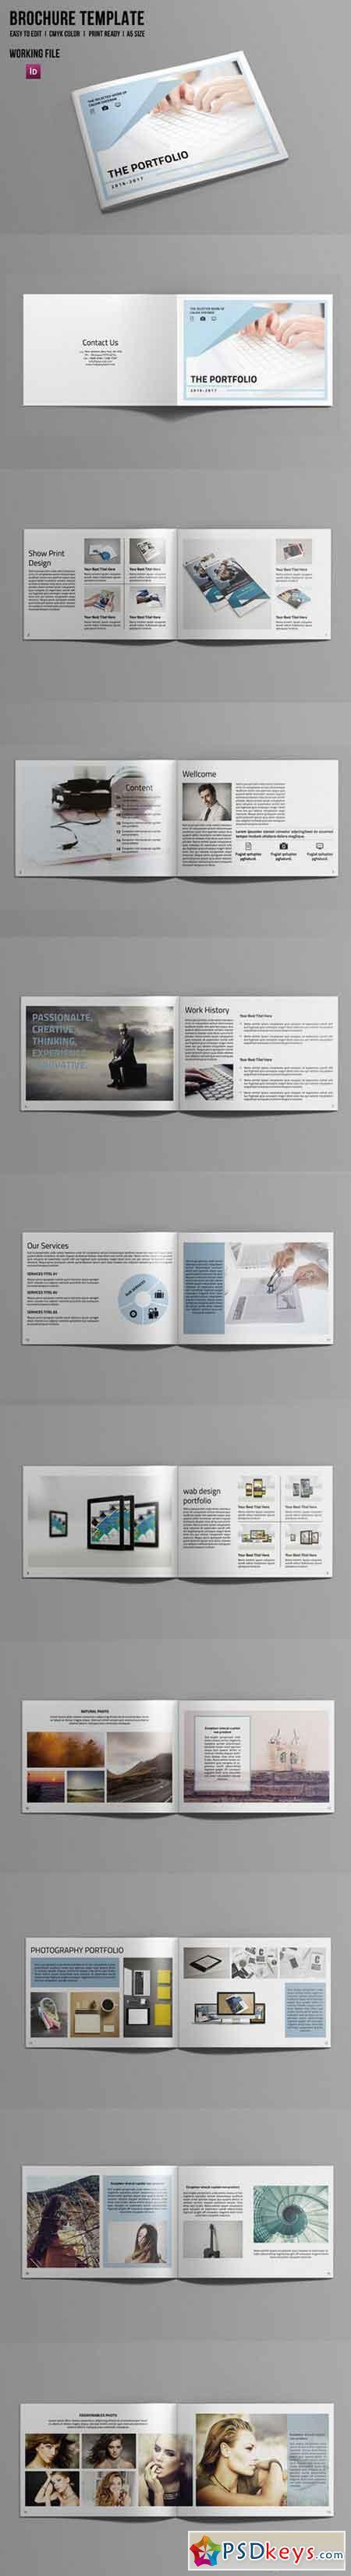 indesign portfolio brochure v506 695944 free download photoshop vector stock image via torrent. Black Bedroom Furniture Sets. Home Design Ideas